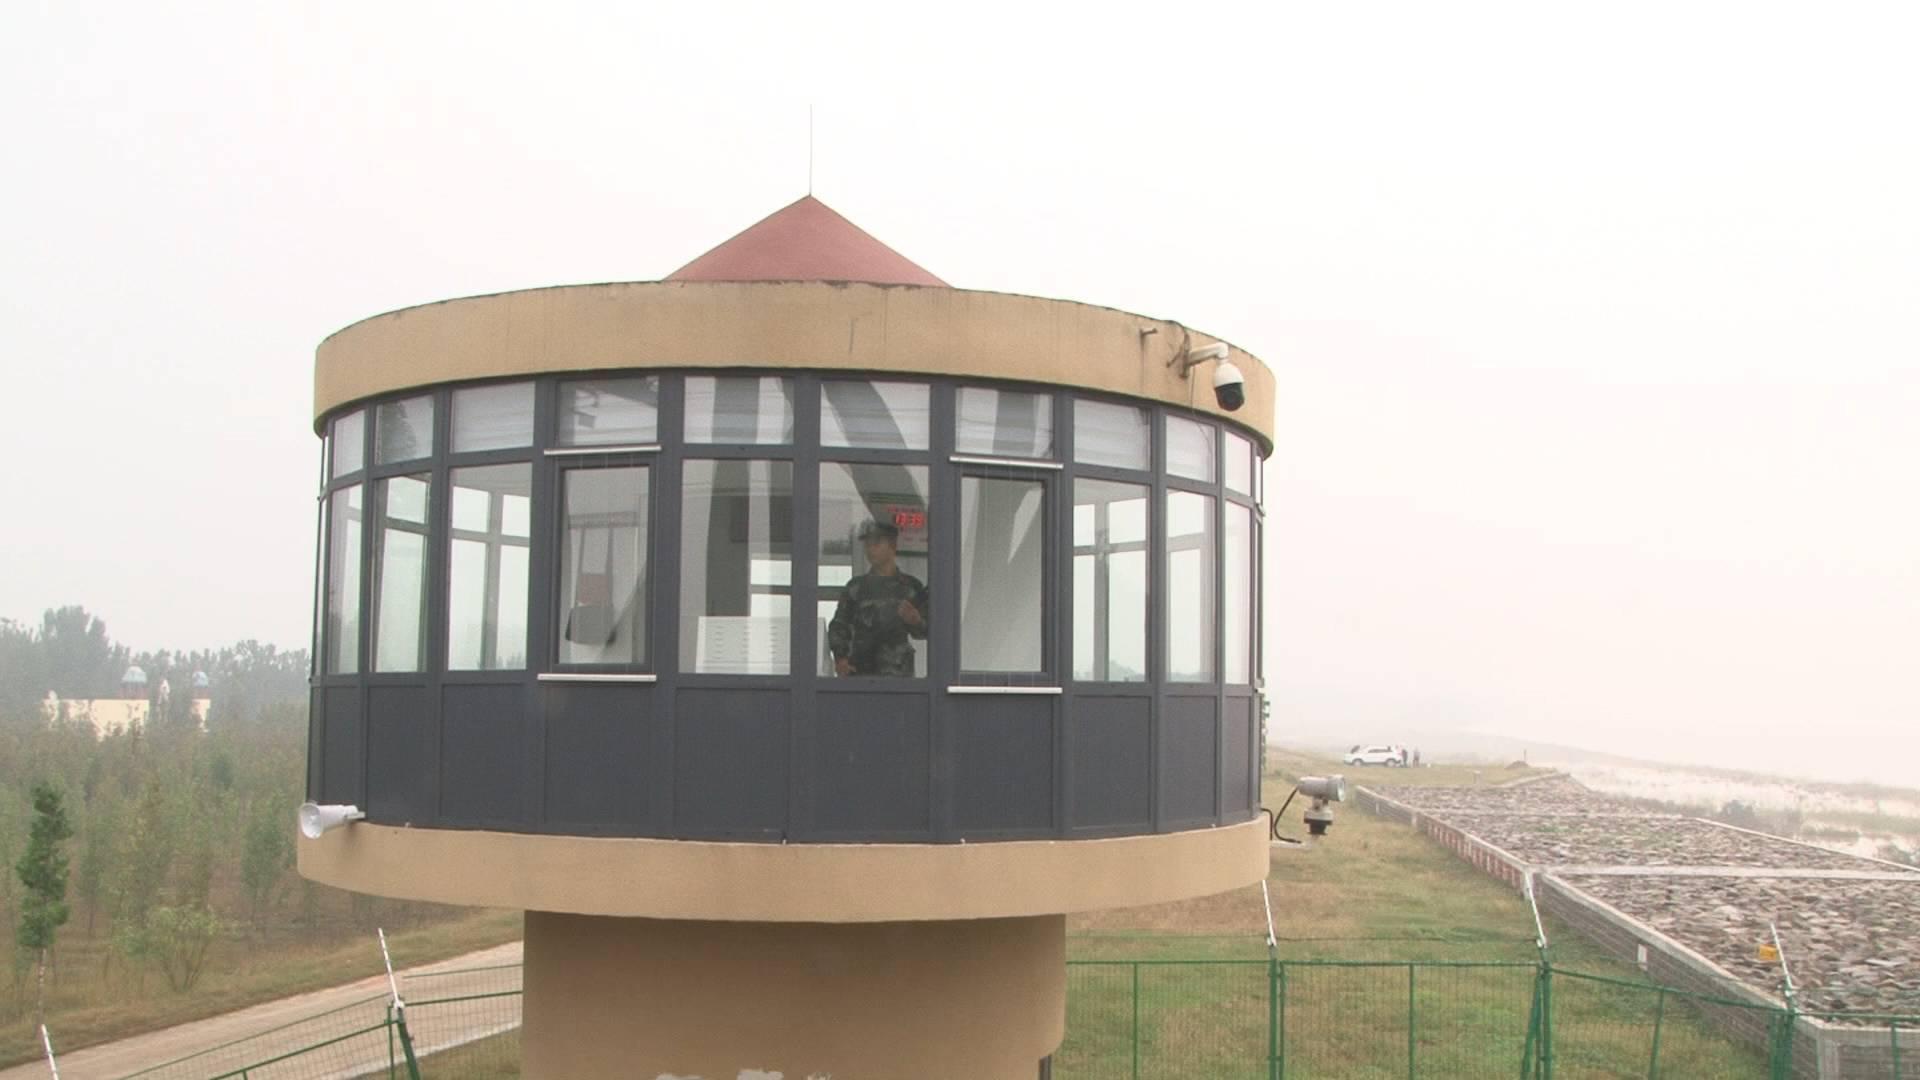 黄河上的守桥兵:忍受超85分贝噪音24小时轮值 这群95后每班岗守护两万多人生命安全